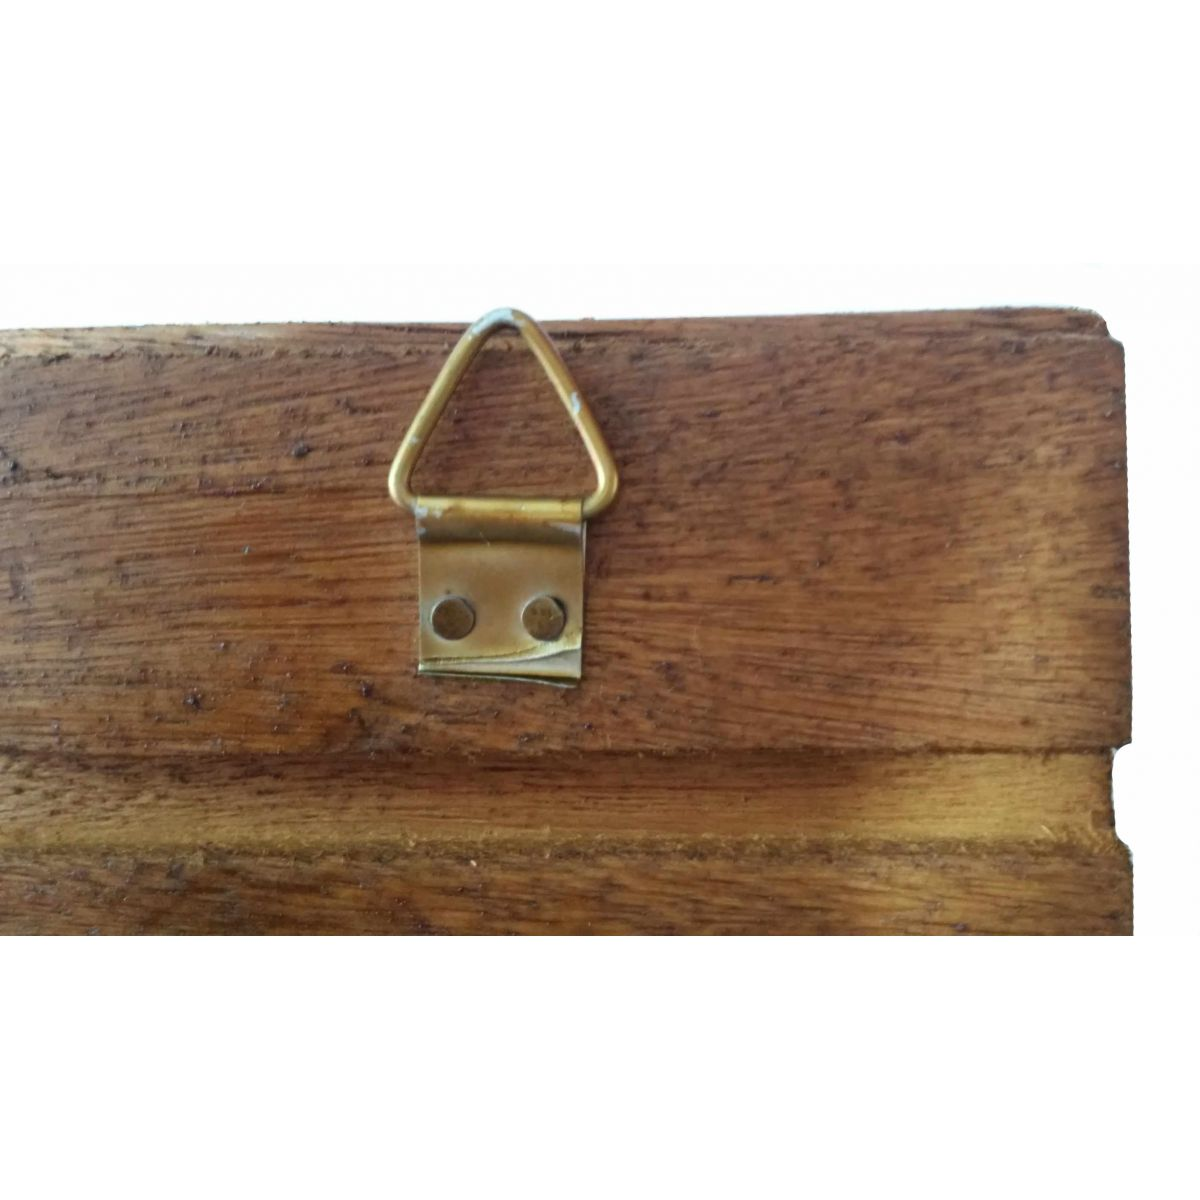 Gancho de Ferro Decorativo para Pendurador de Bolsa e Roupa para Quarto